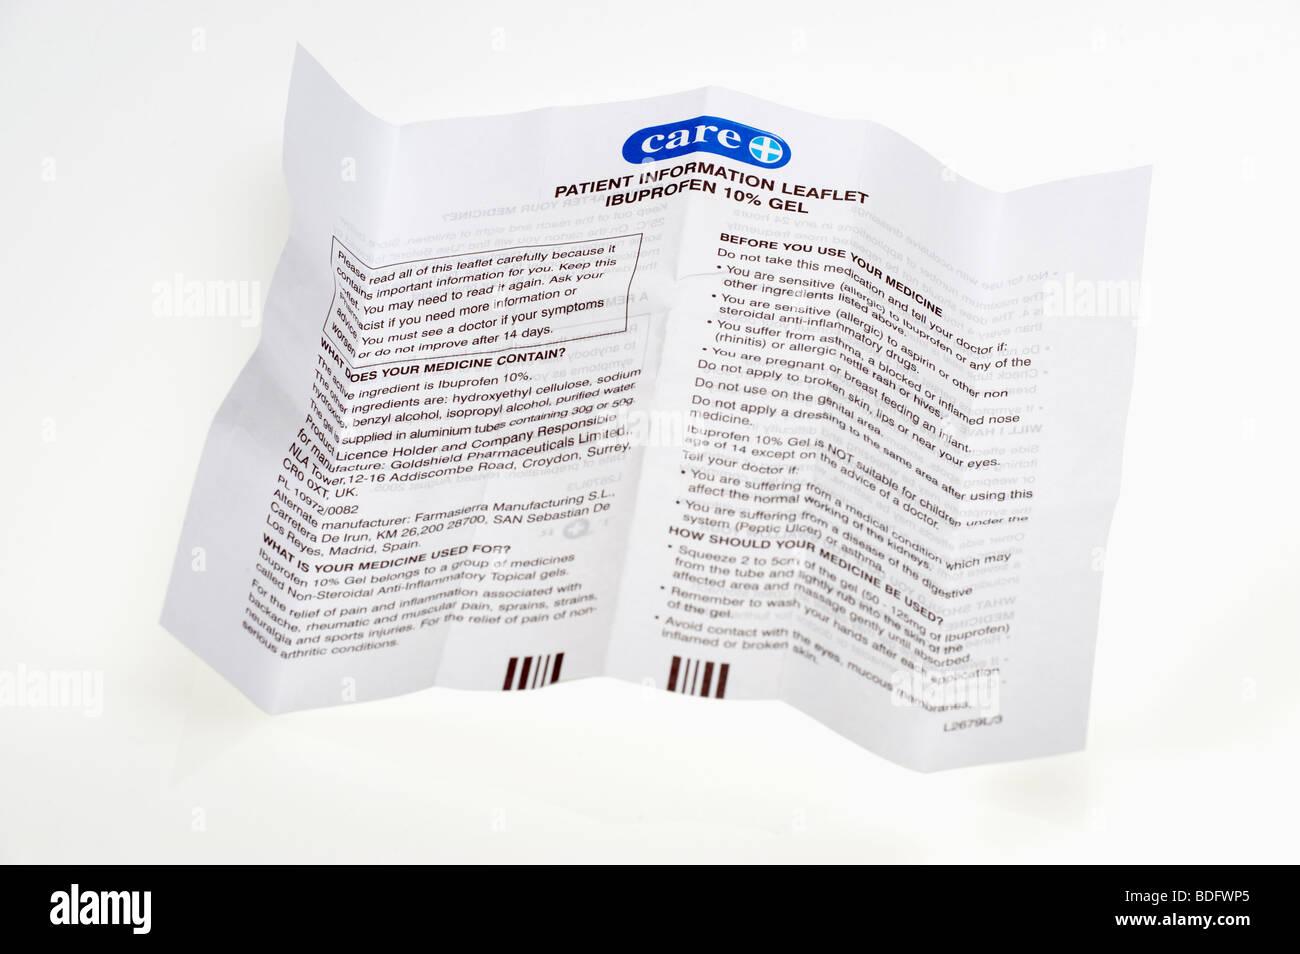 'Paziente istruzioni' opuscolo sull'utilizzo di Ibuprofen 10% gel Immagini Stock